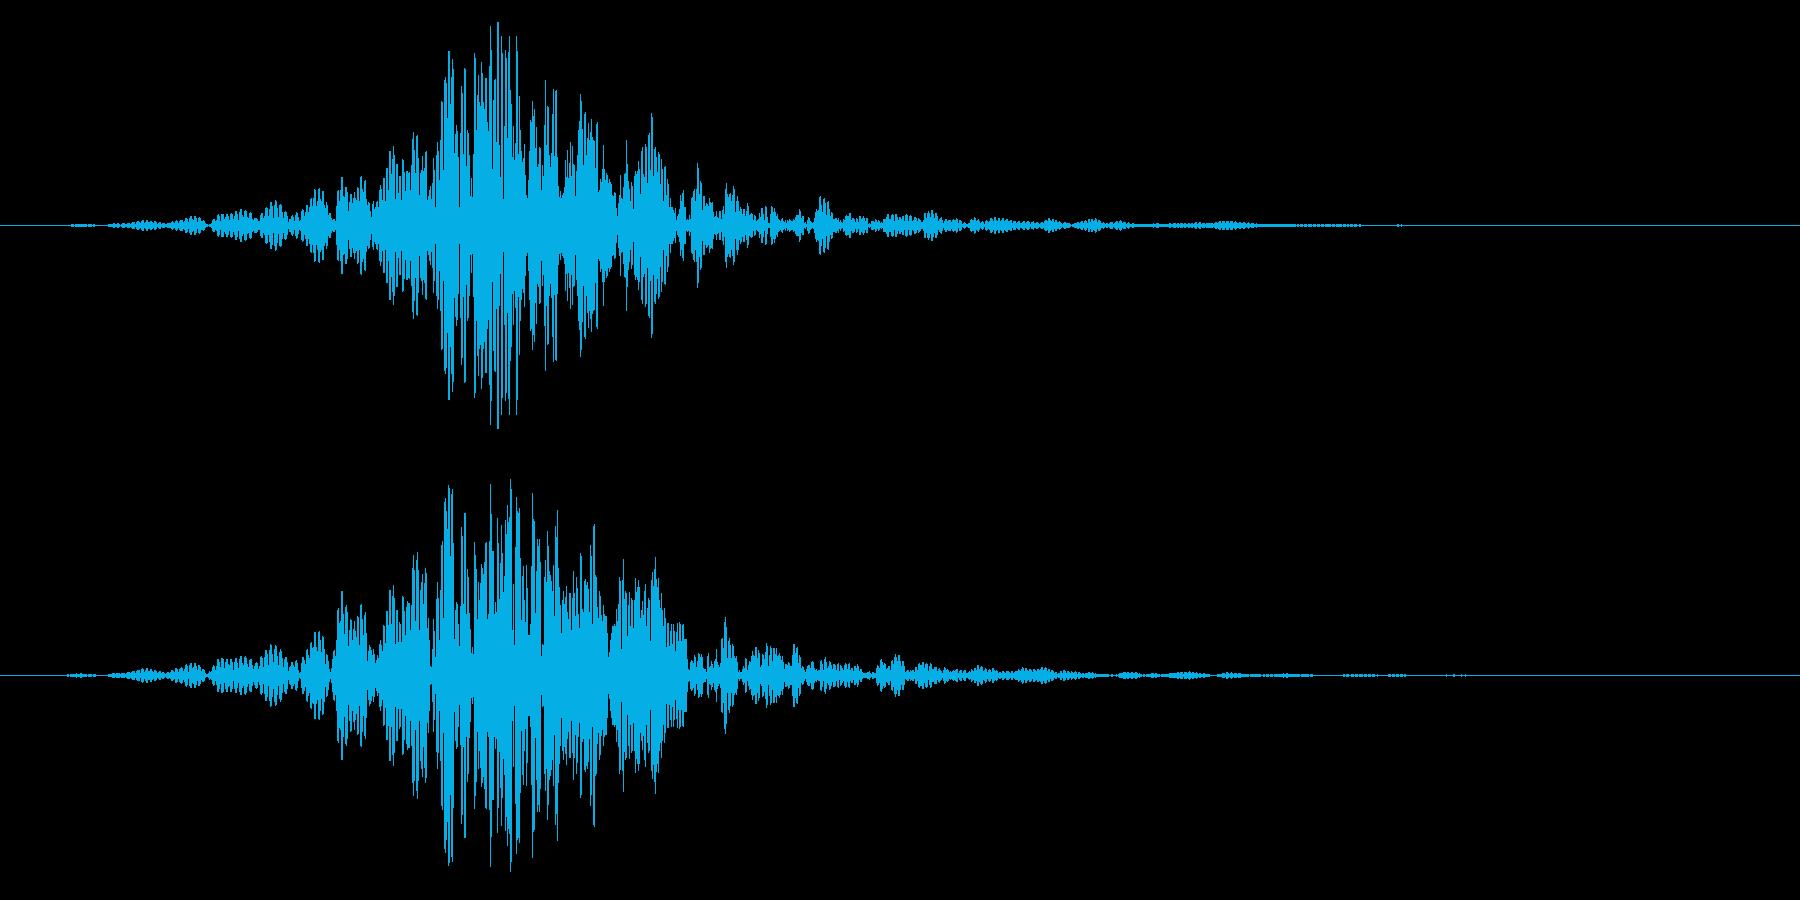 ヒュン(刀を振る/風切り音)空振りの再生済みの波形